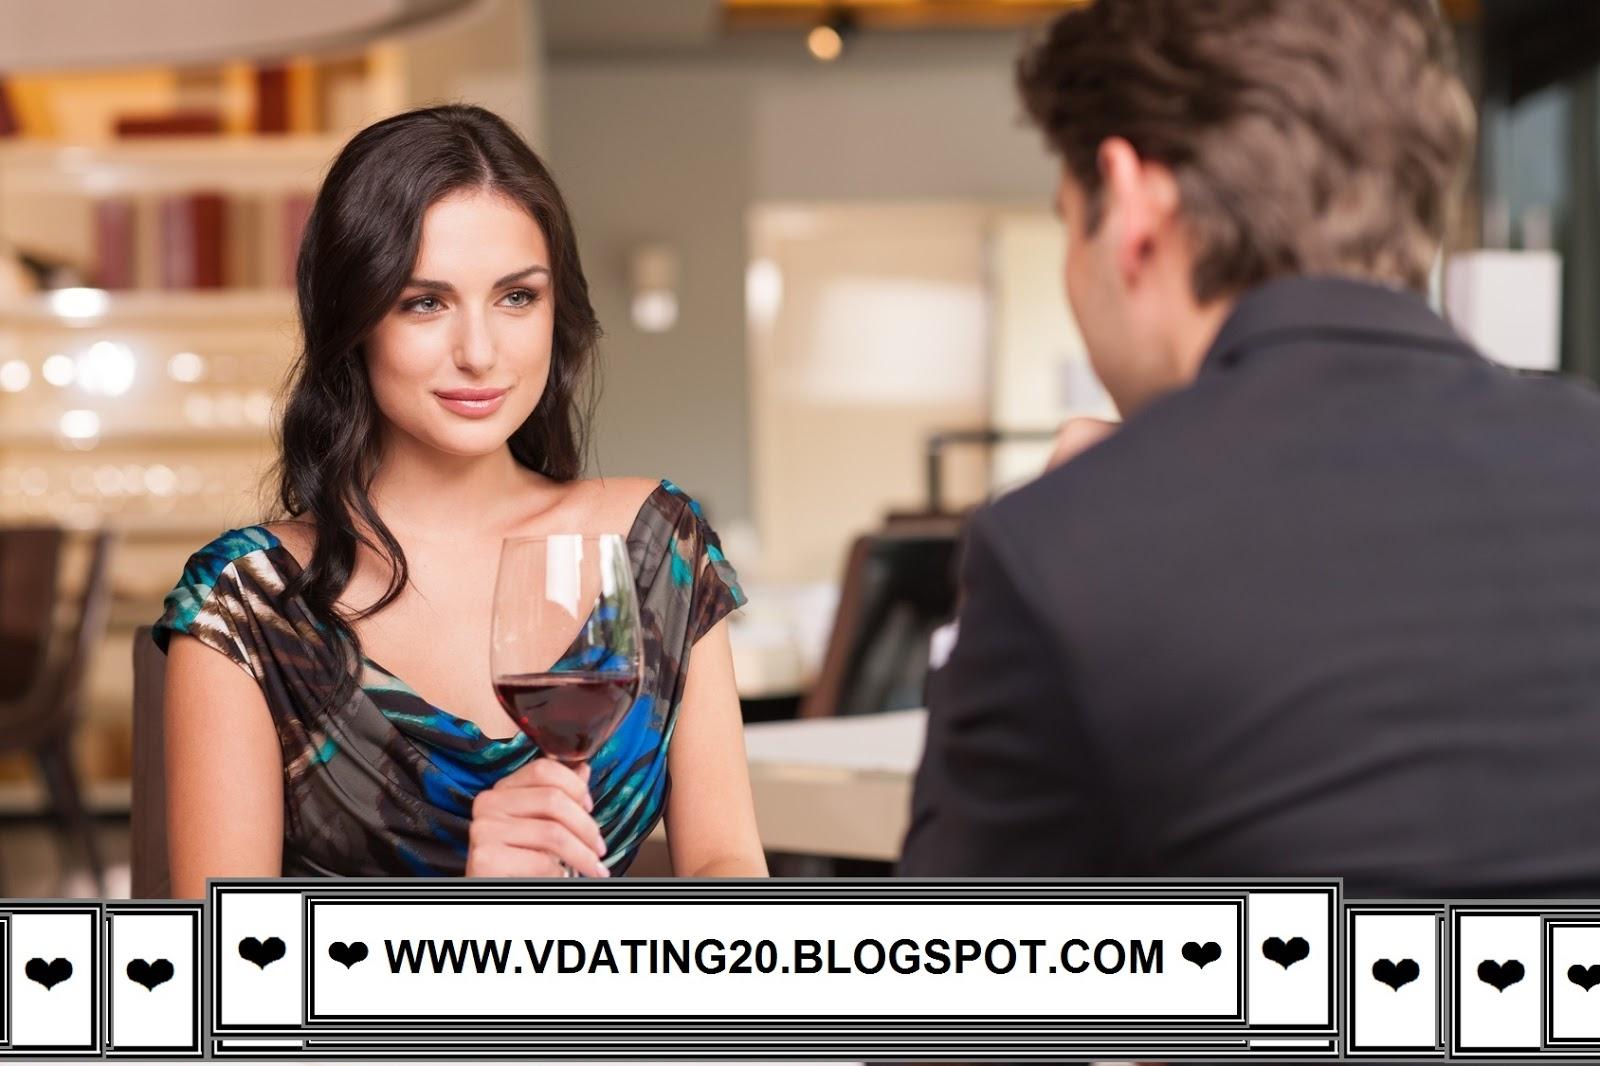 Nyc dating websites gratis